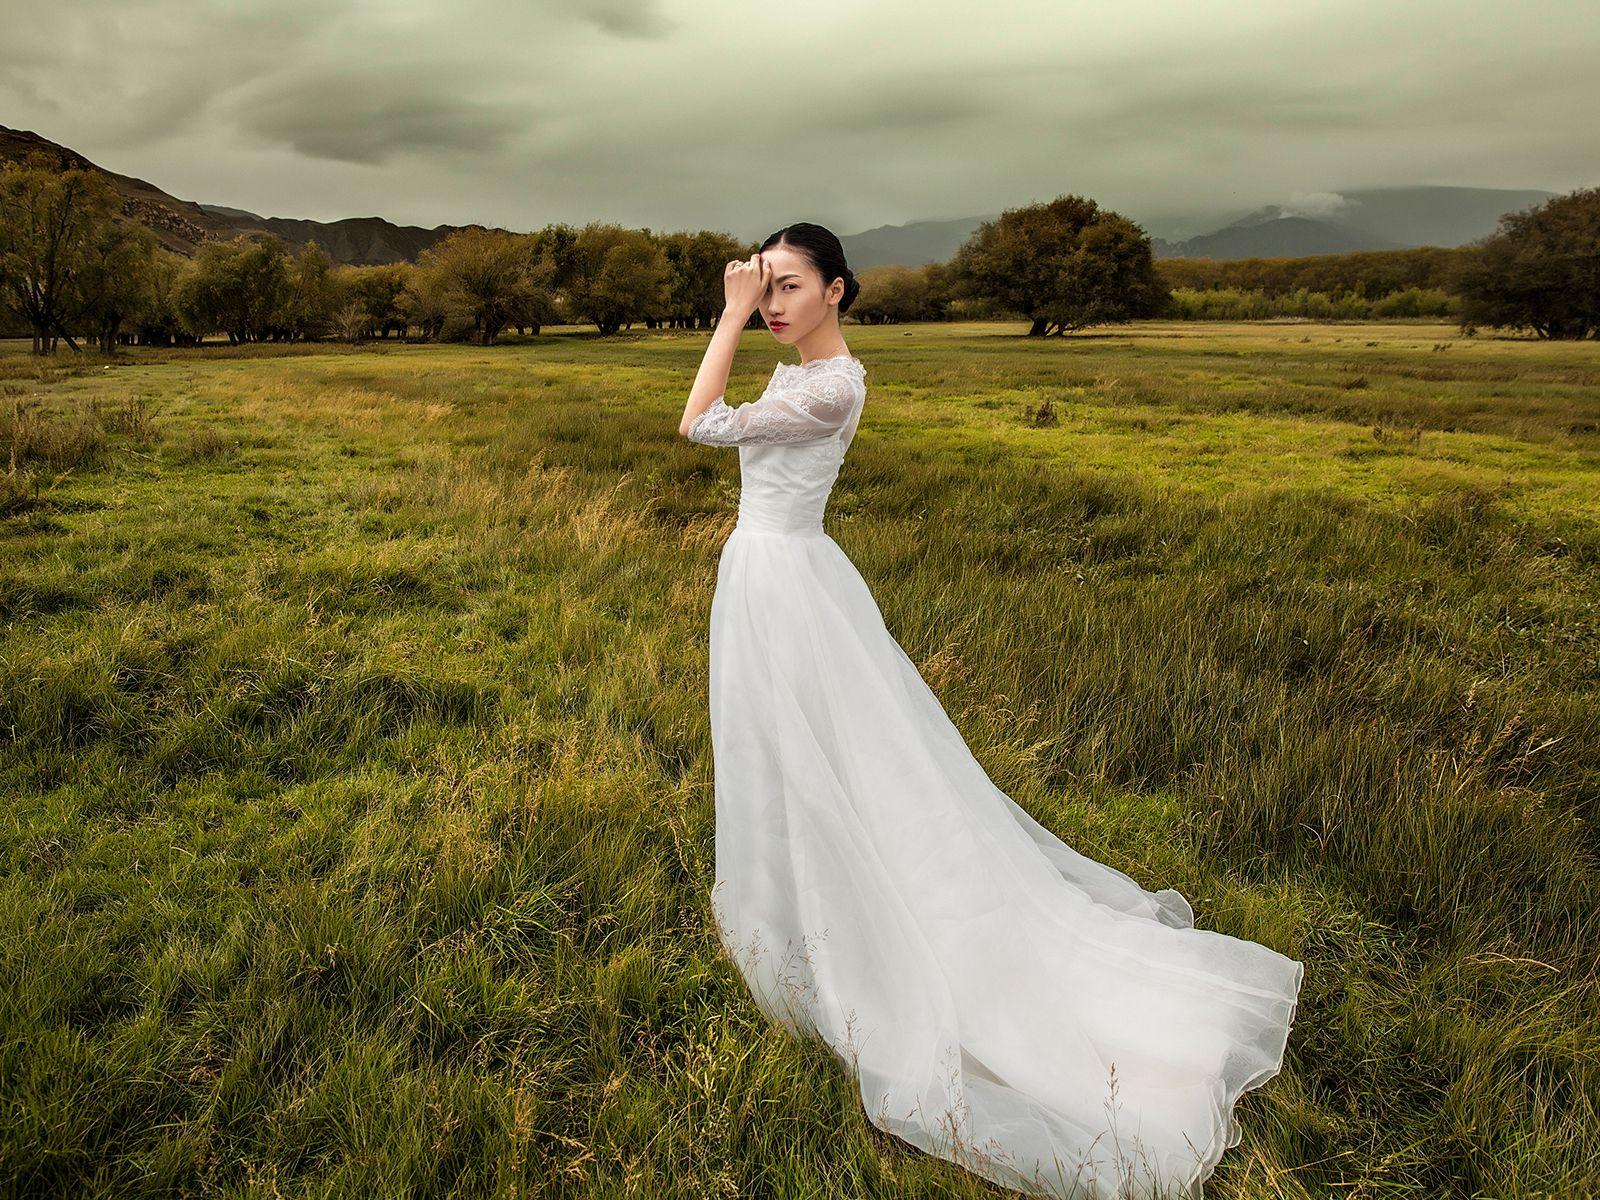 美范摄影 · 全球旅拍